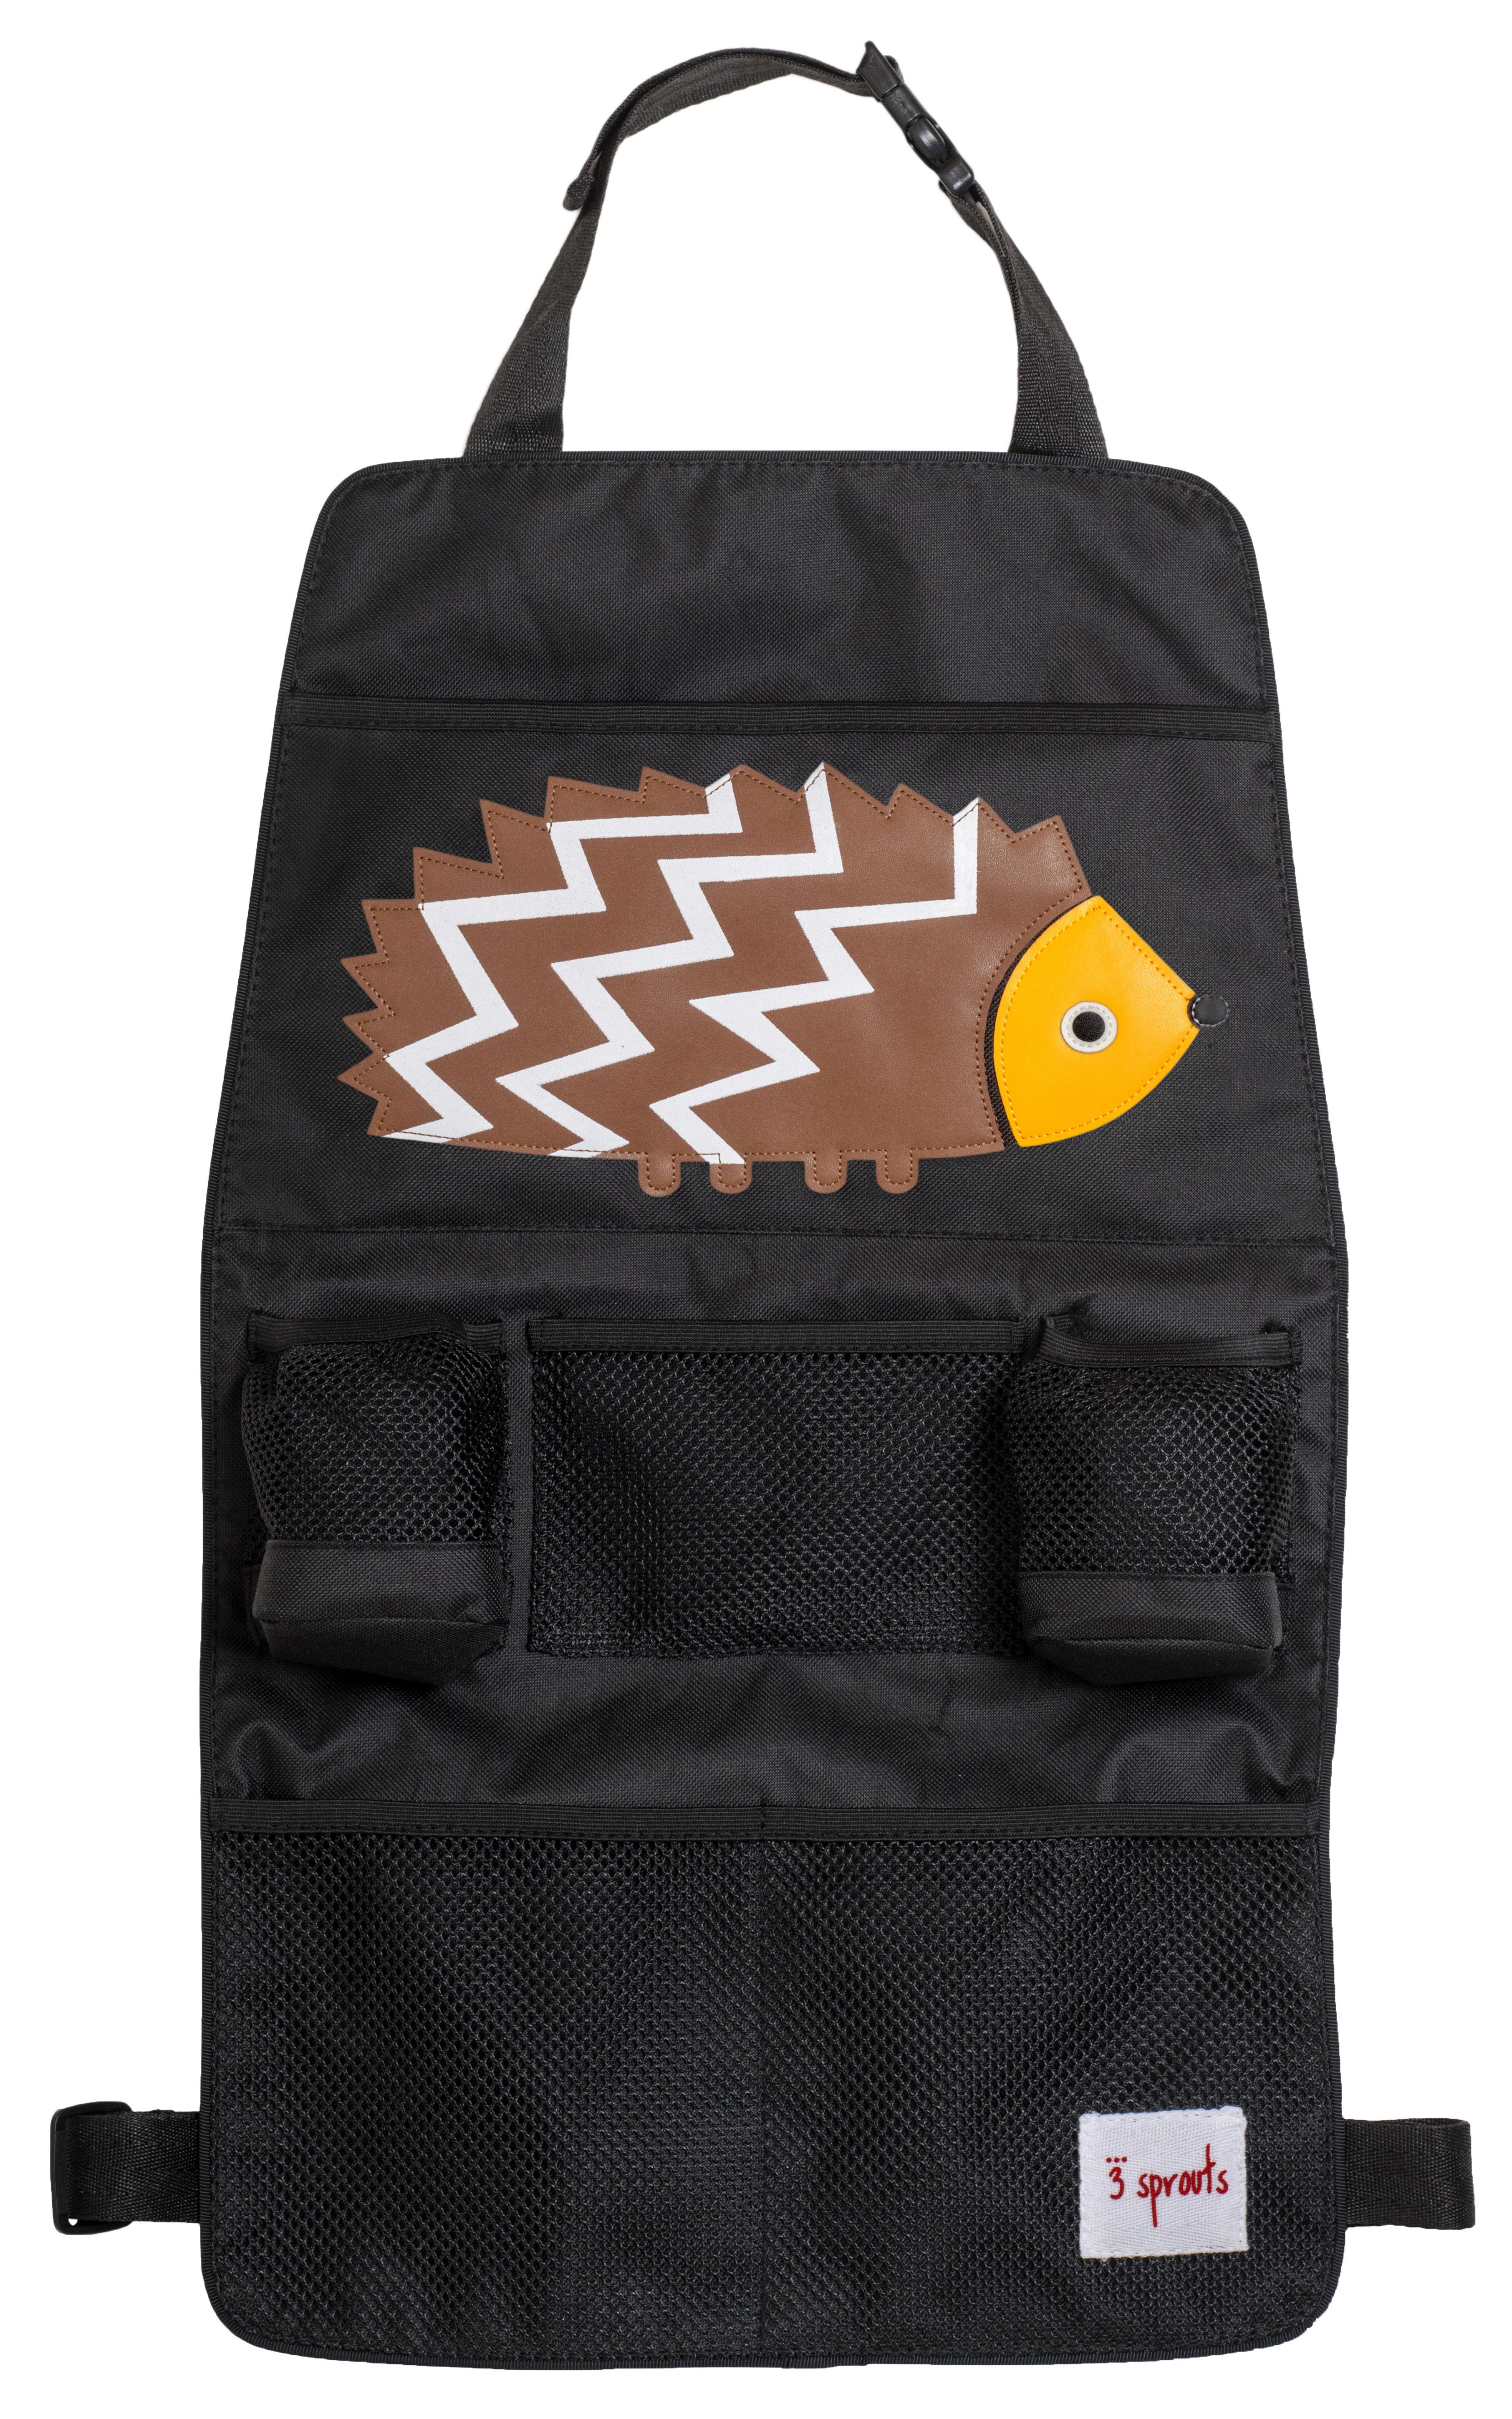 Купить Путешествие с ребенком, Brown Hedgehog, 3 Sprouts, Китай, черный с коричневым